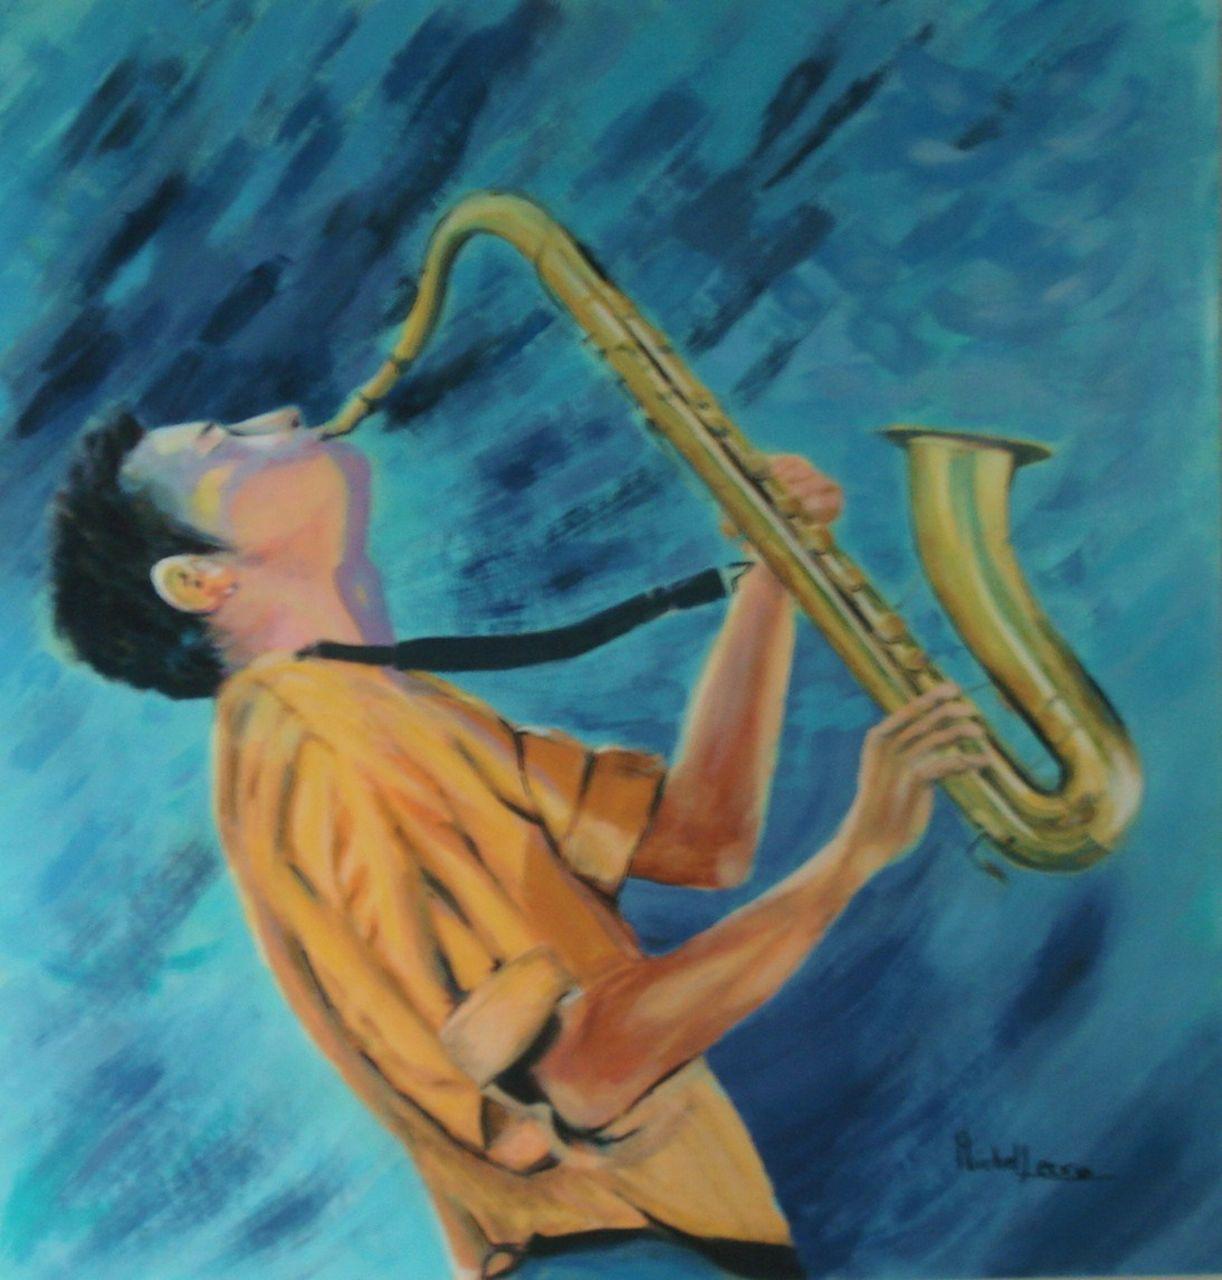 michel lecru saxophoniste 002